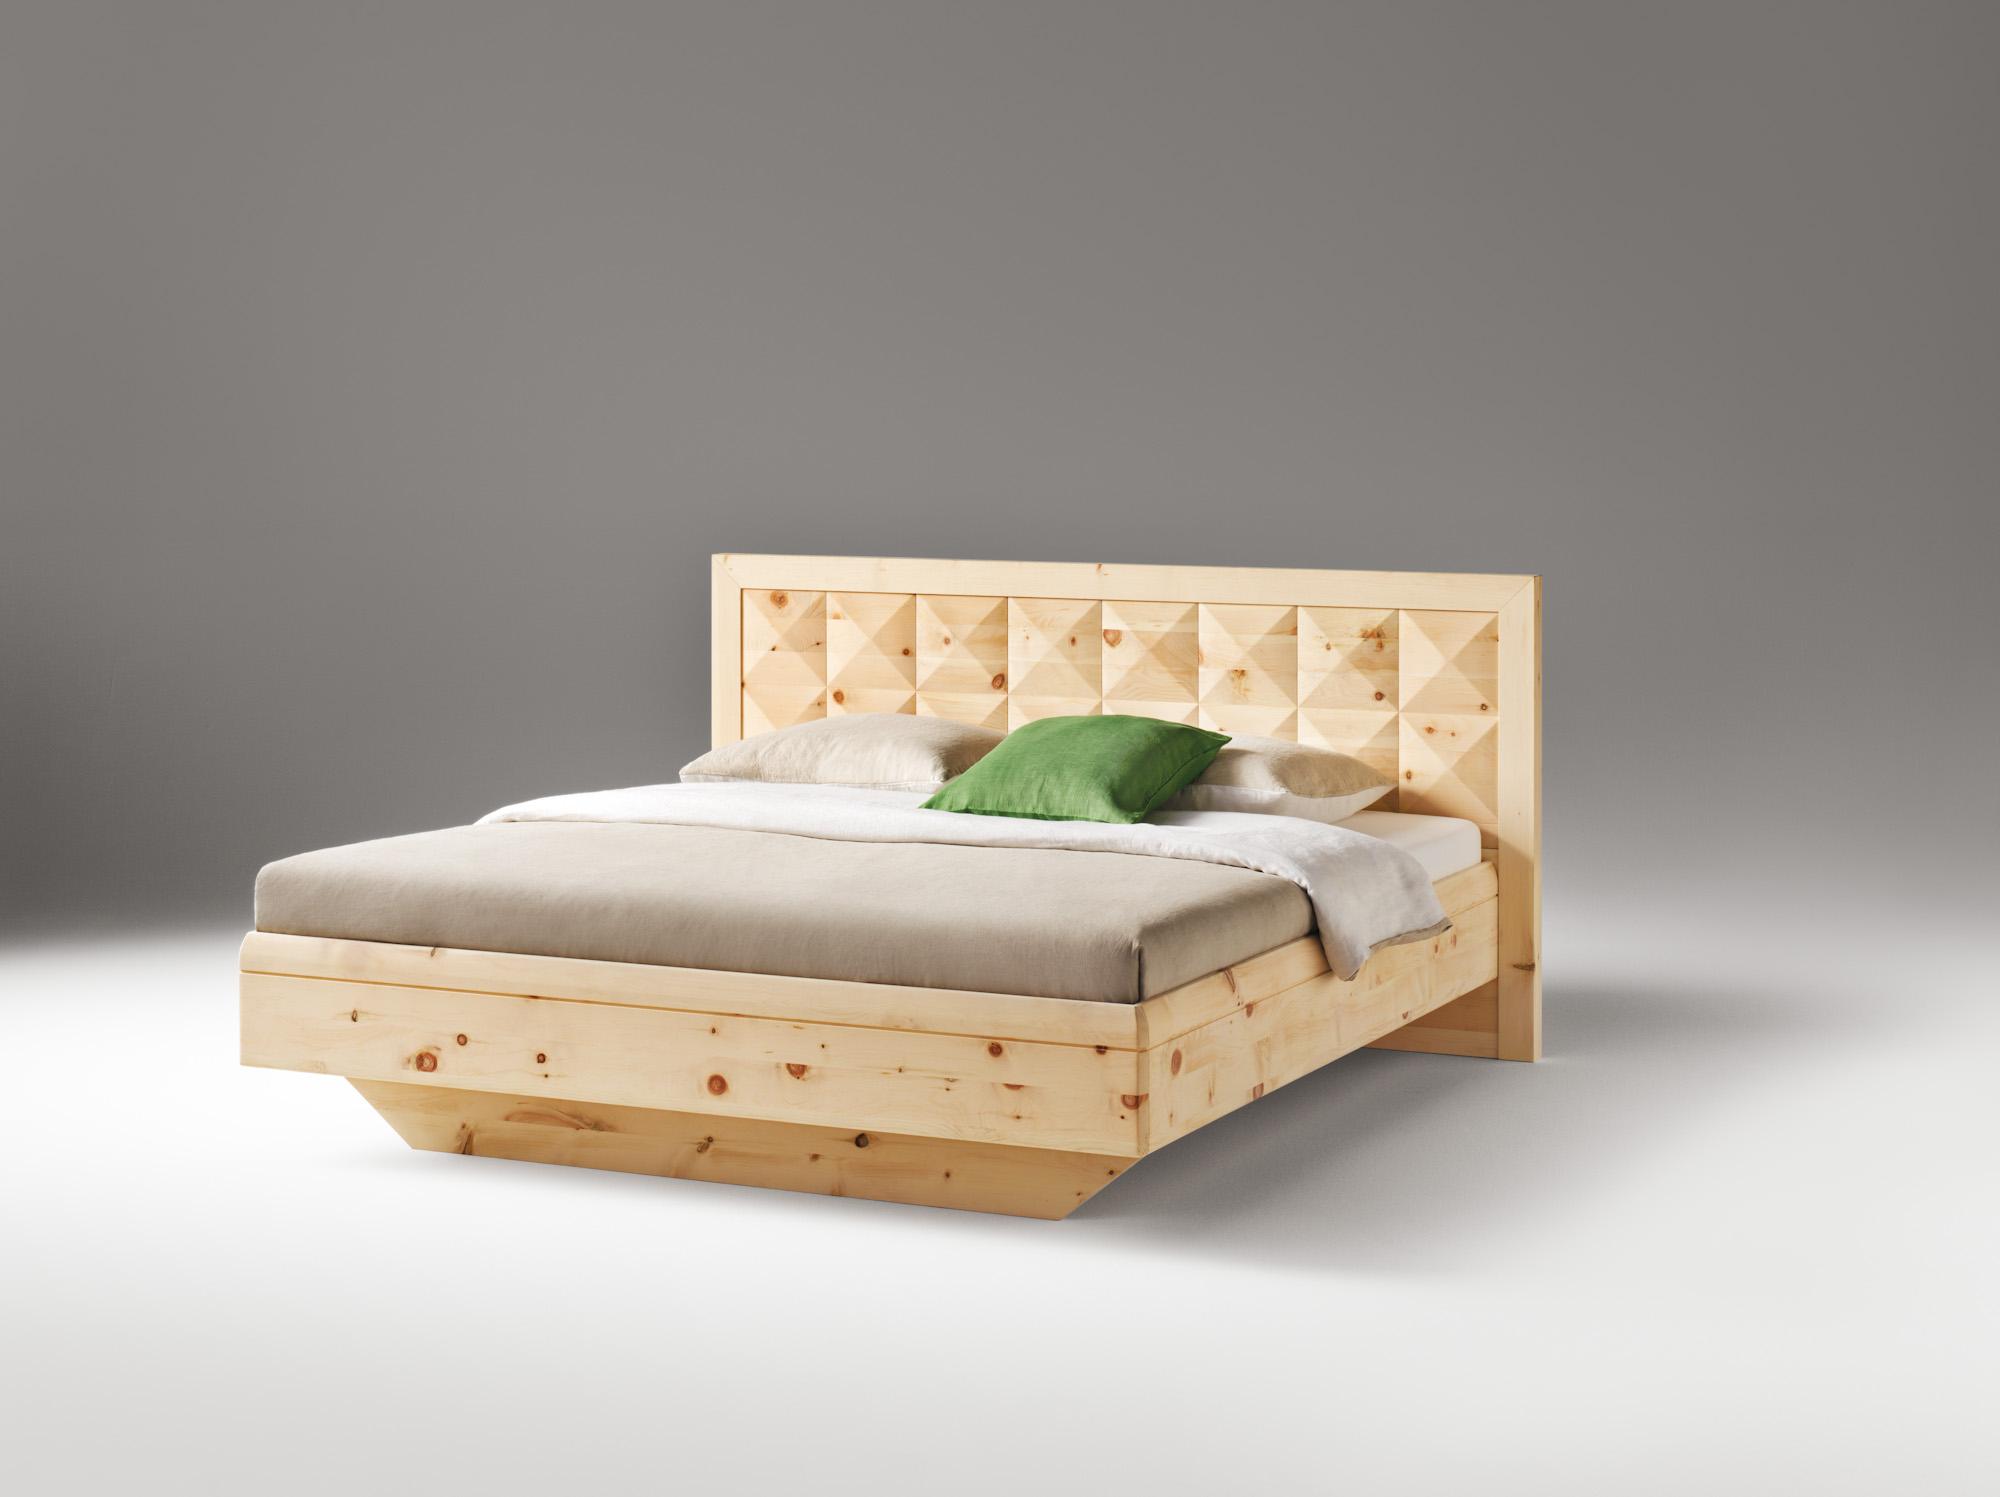 Zirbenholz schlafzimmer modern  Schlafzimmer – Möbel Morschett